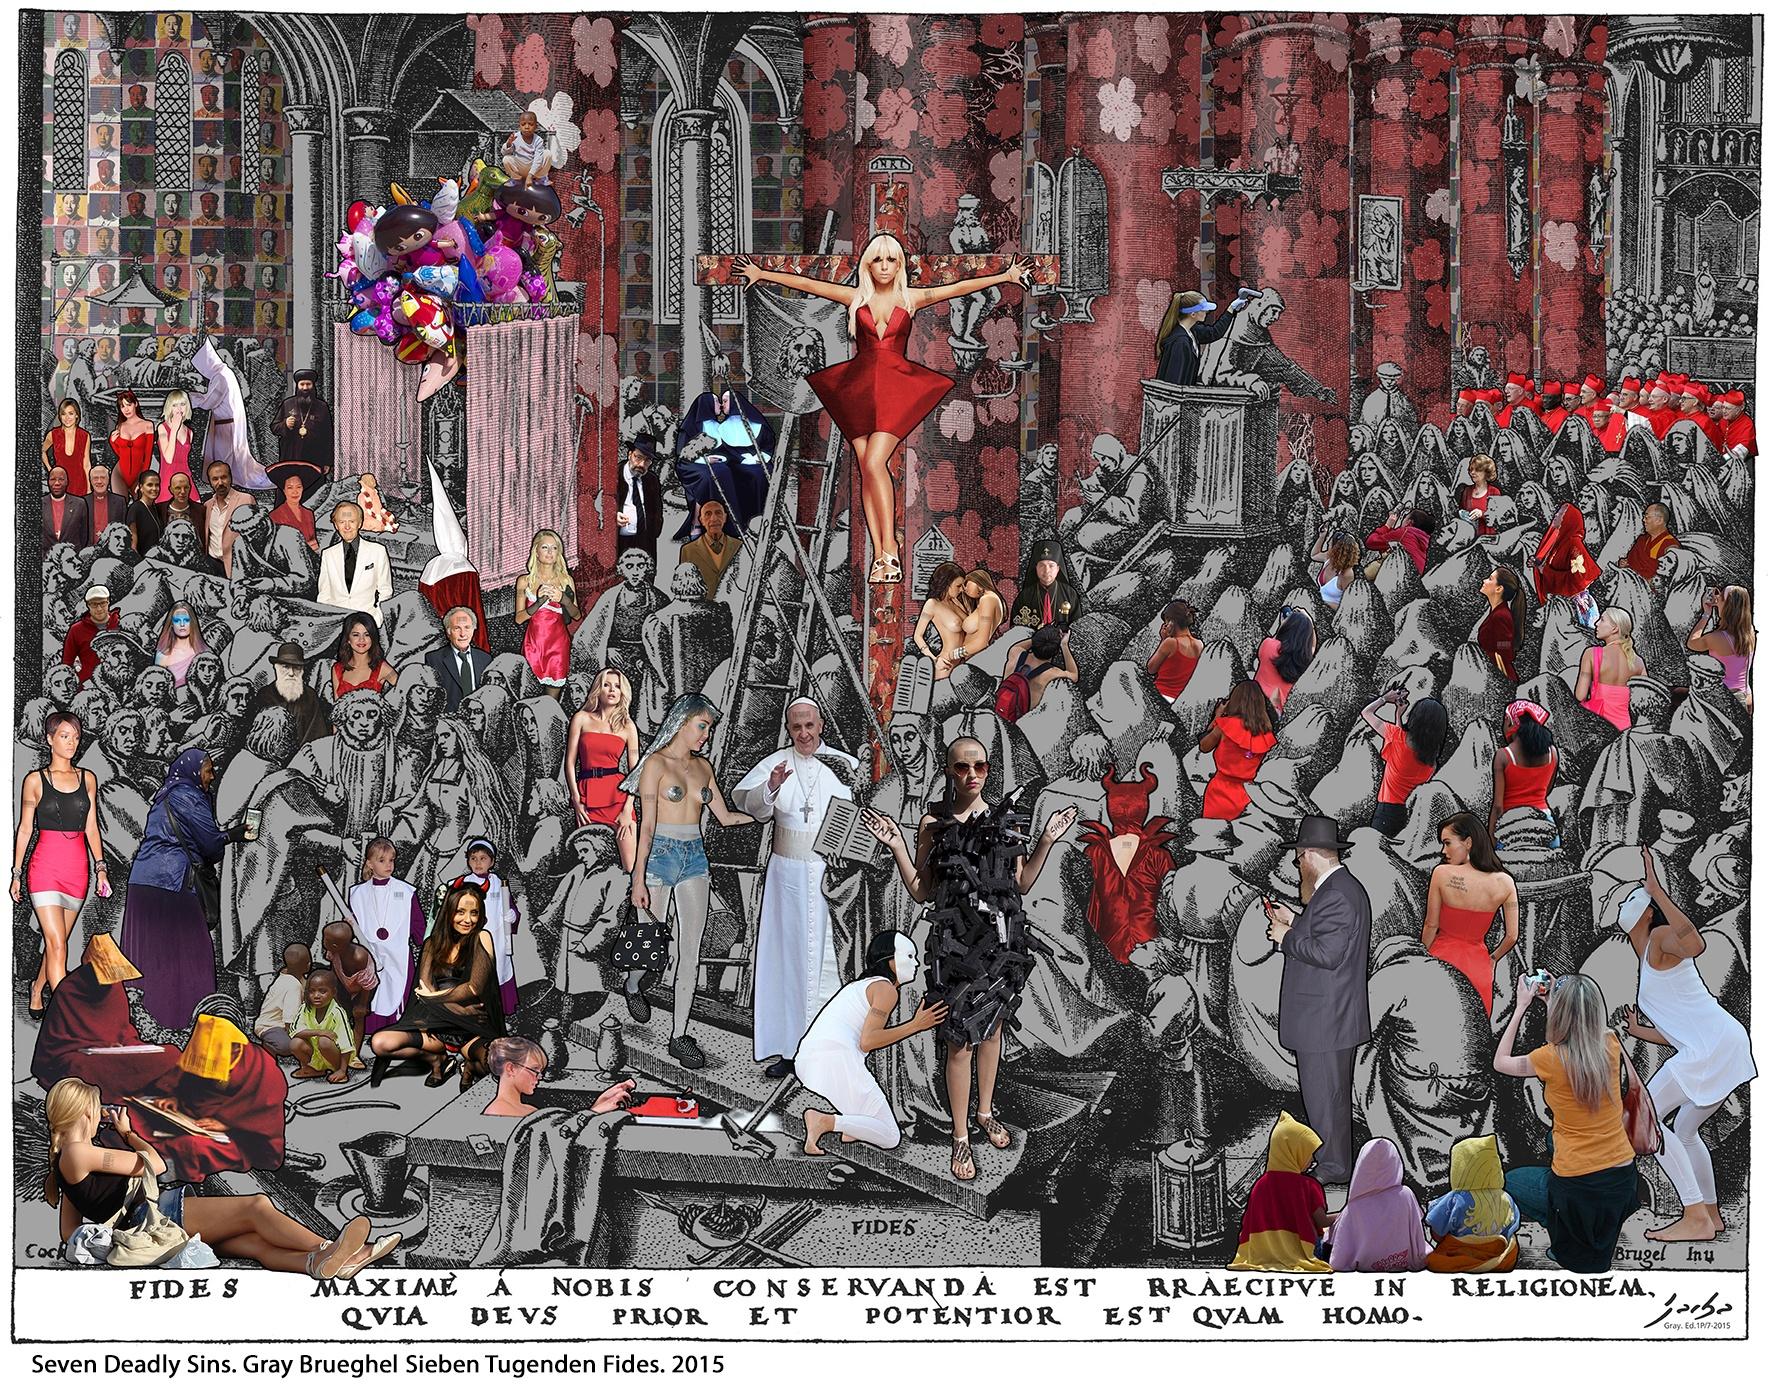 2015-1 Gray Brueghel Sieben Tugenden Fides